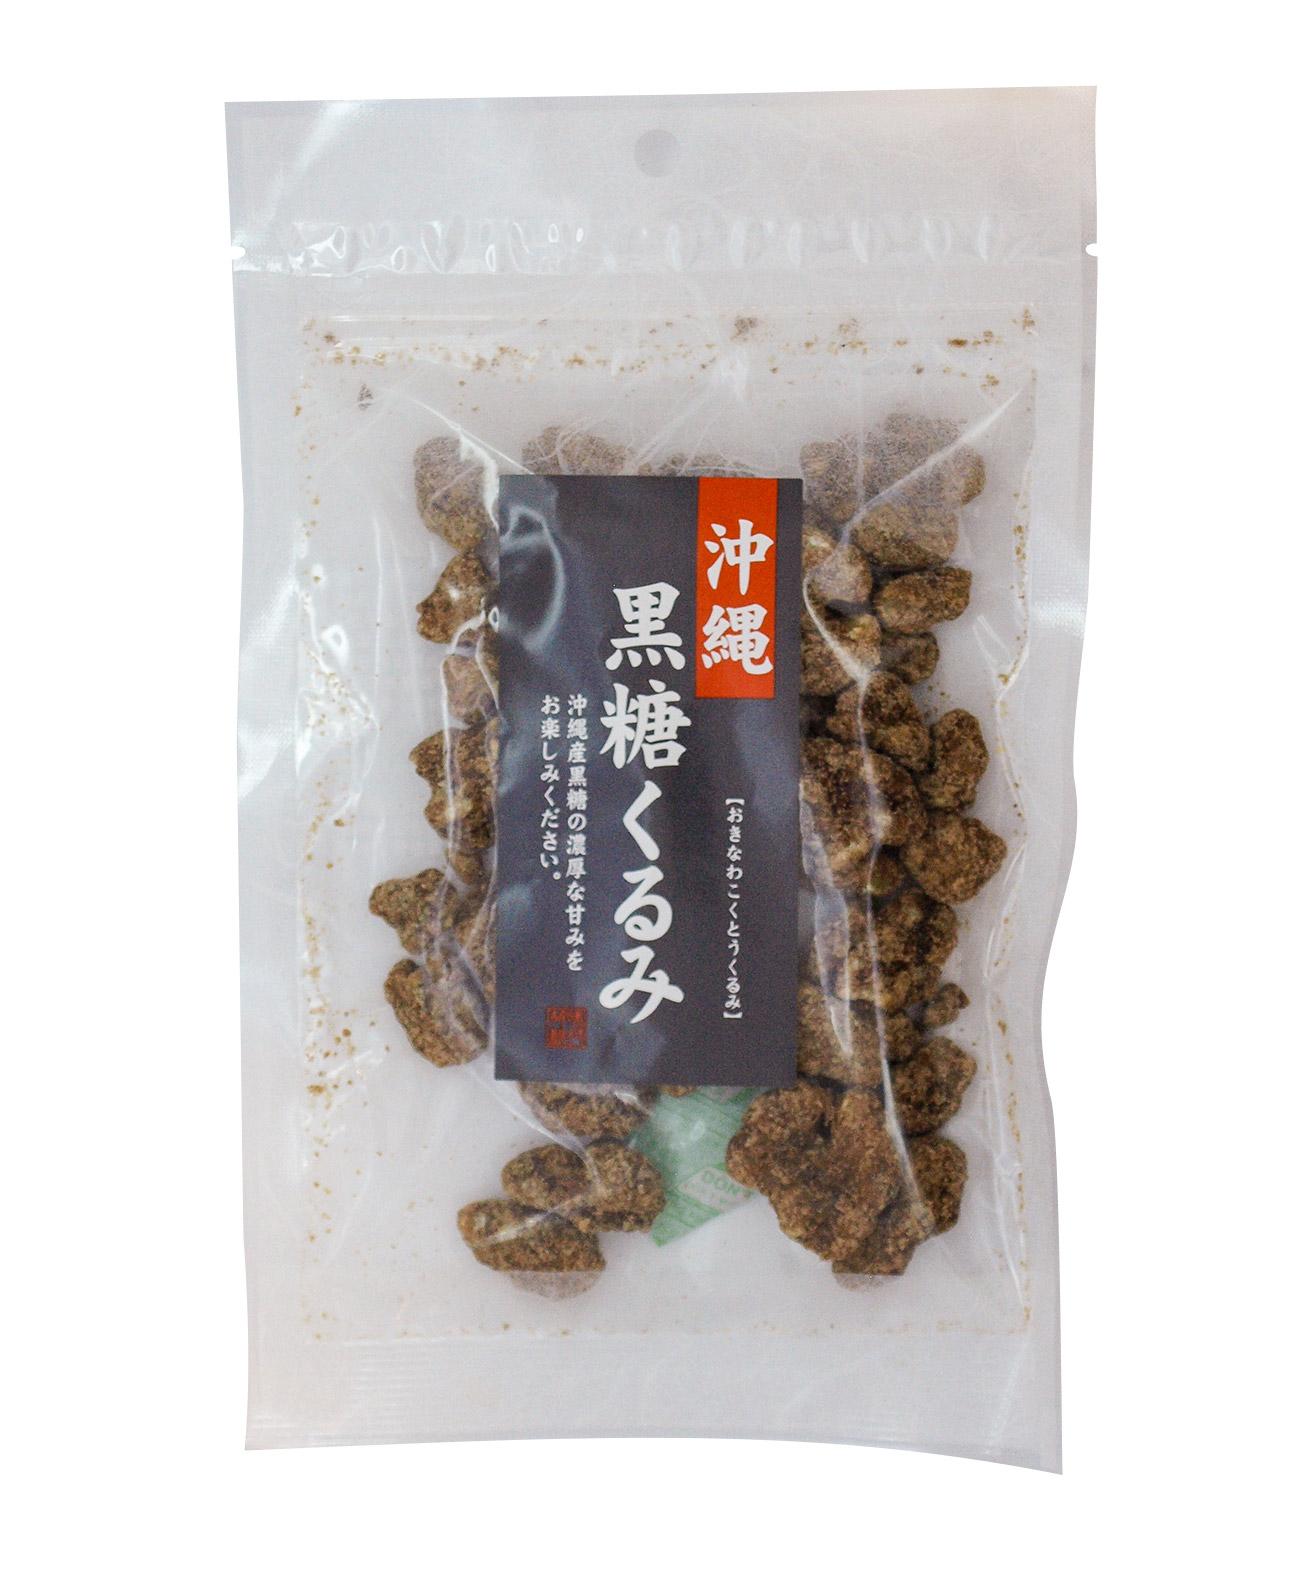 沖縄黒糖くるみ 75g